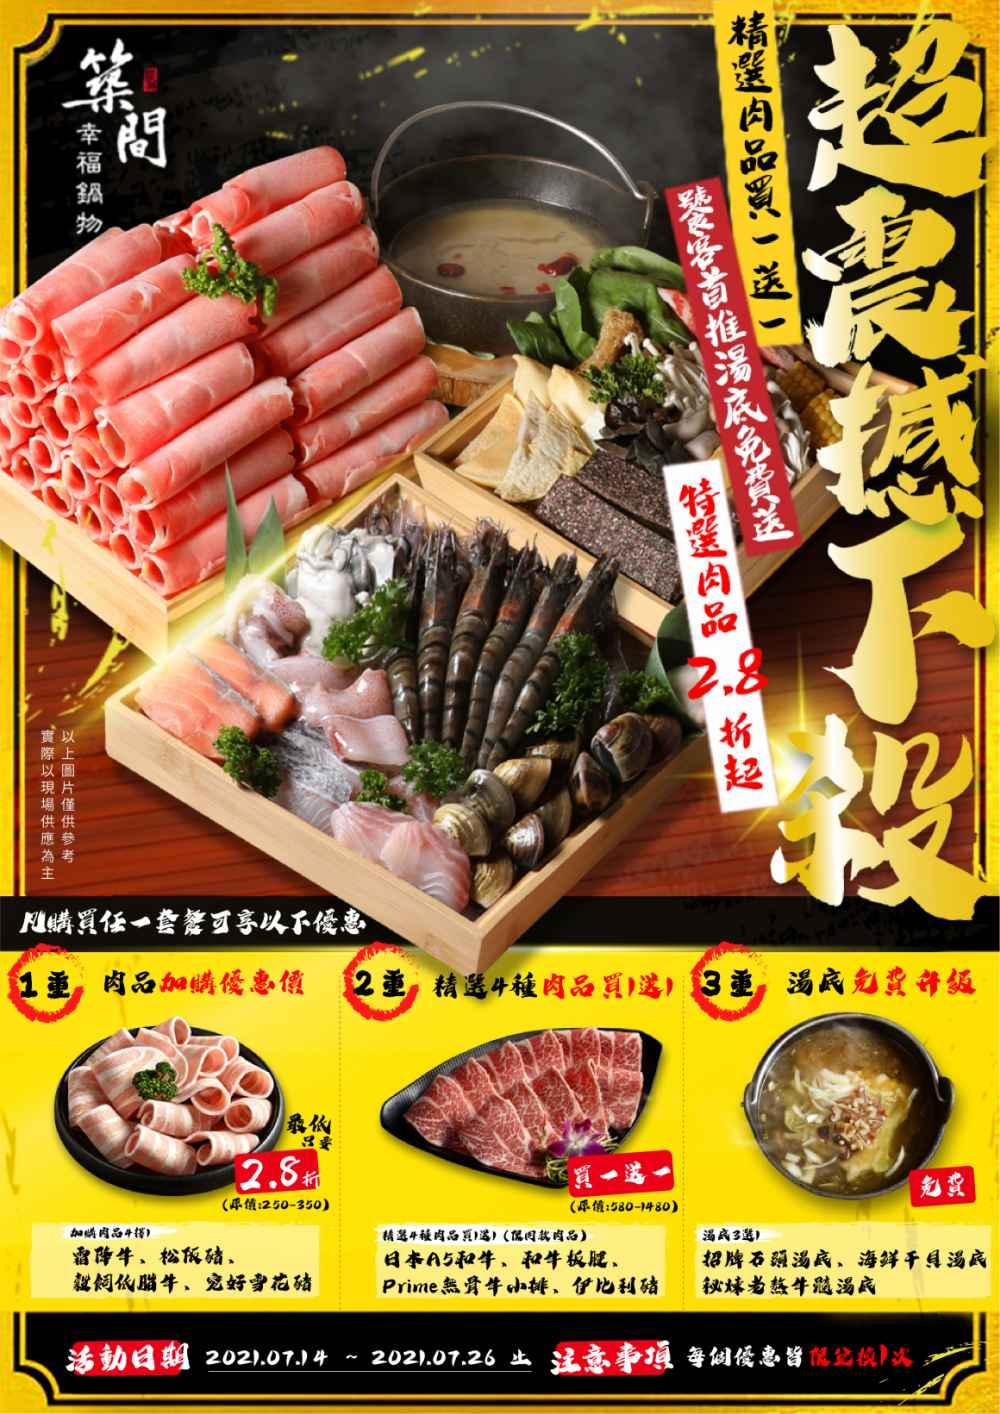 築間外帶菜單 肉品加購2.8折